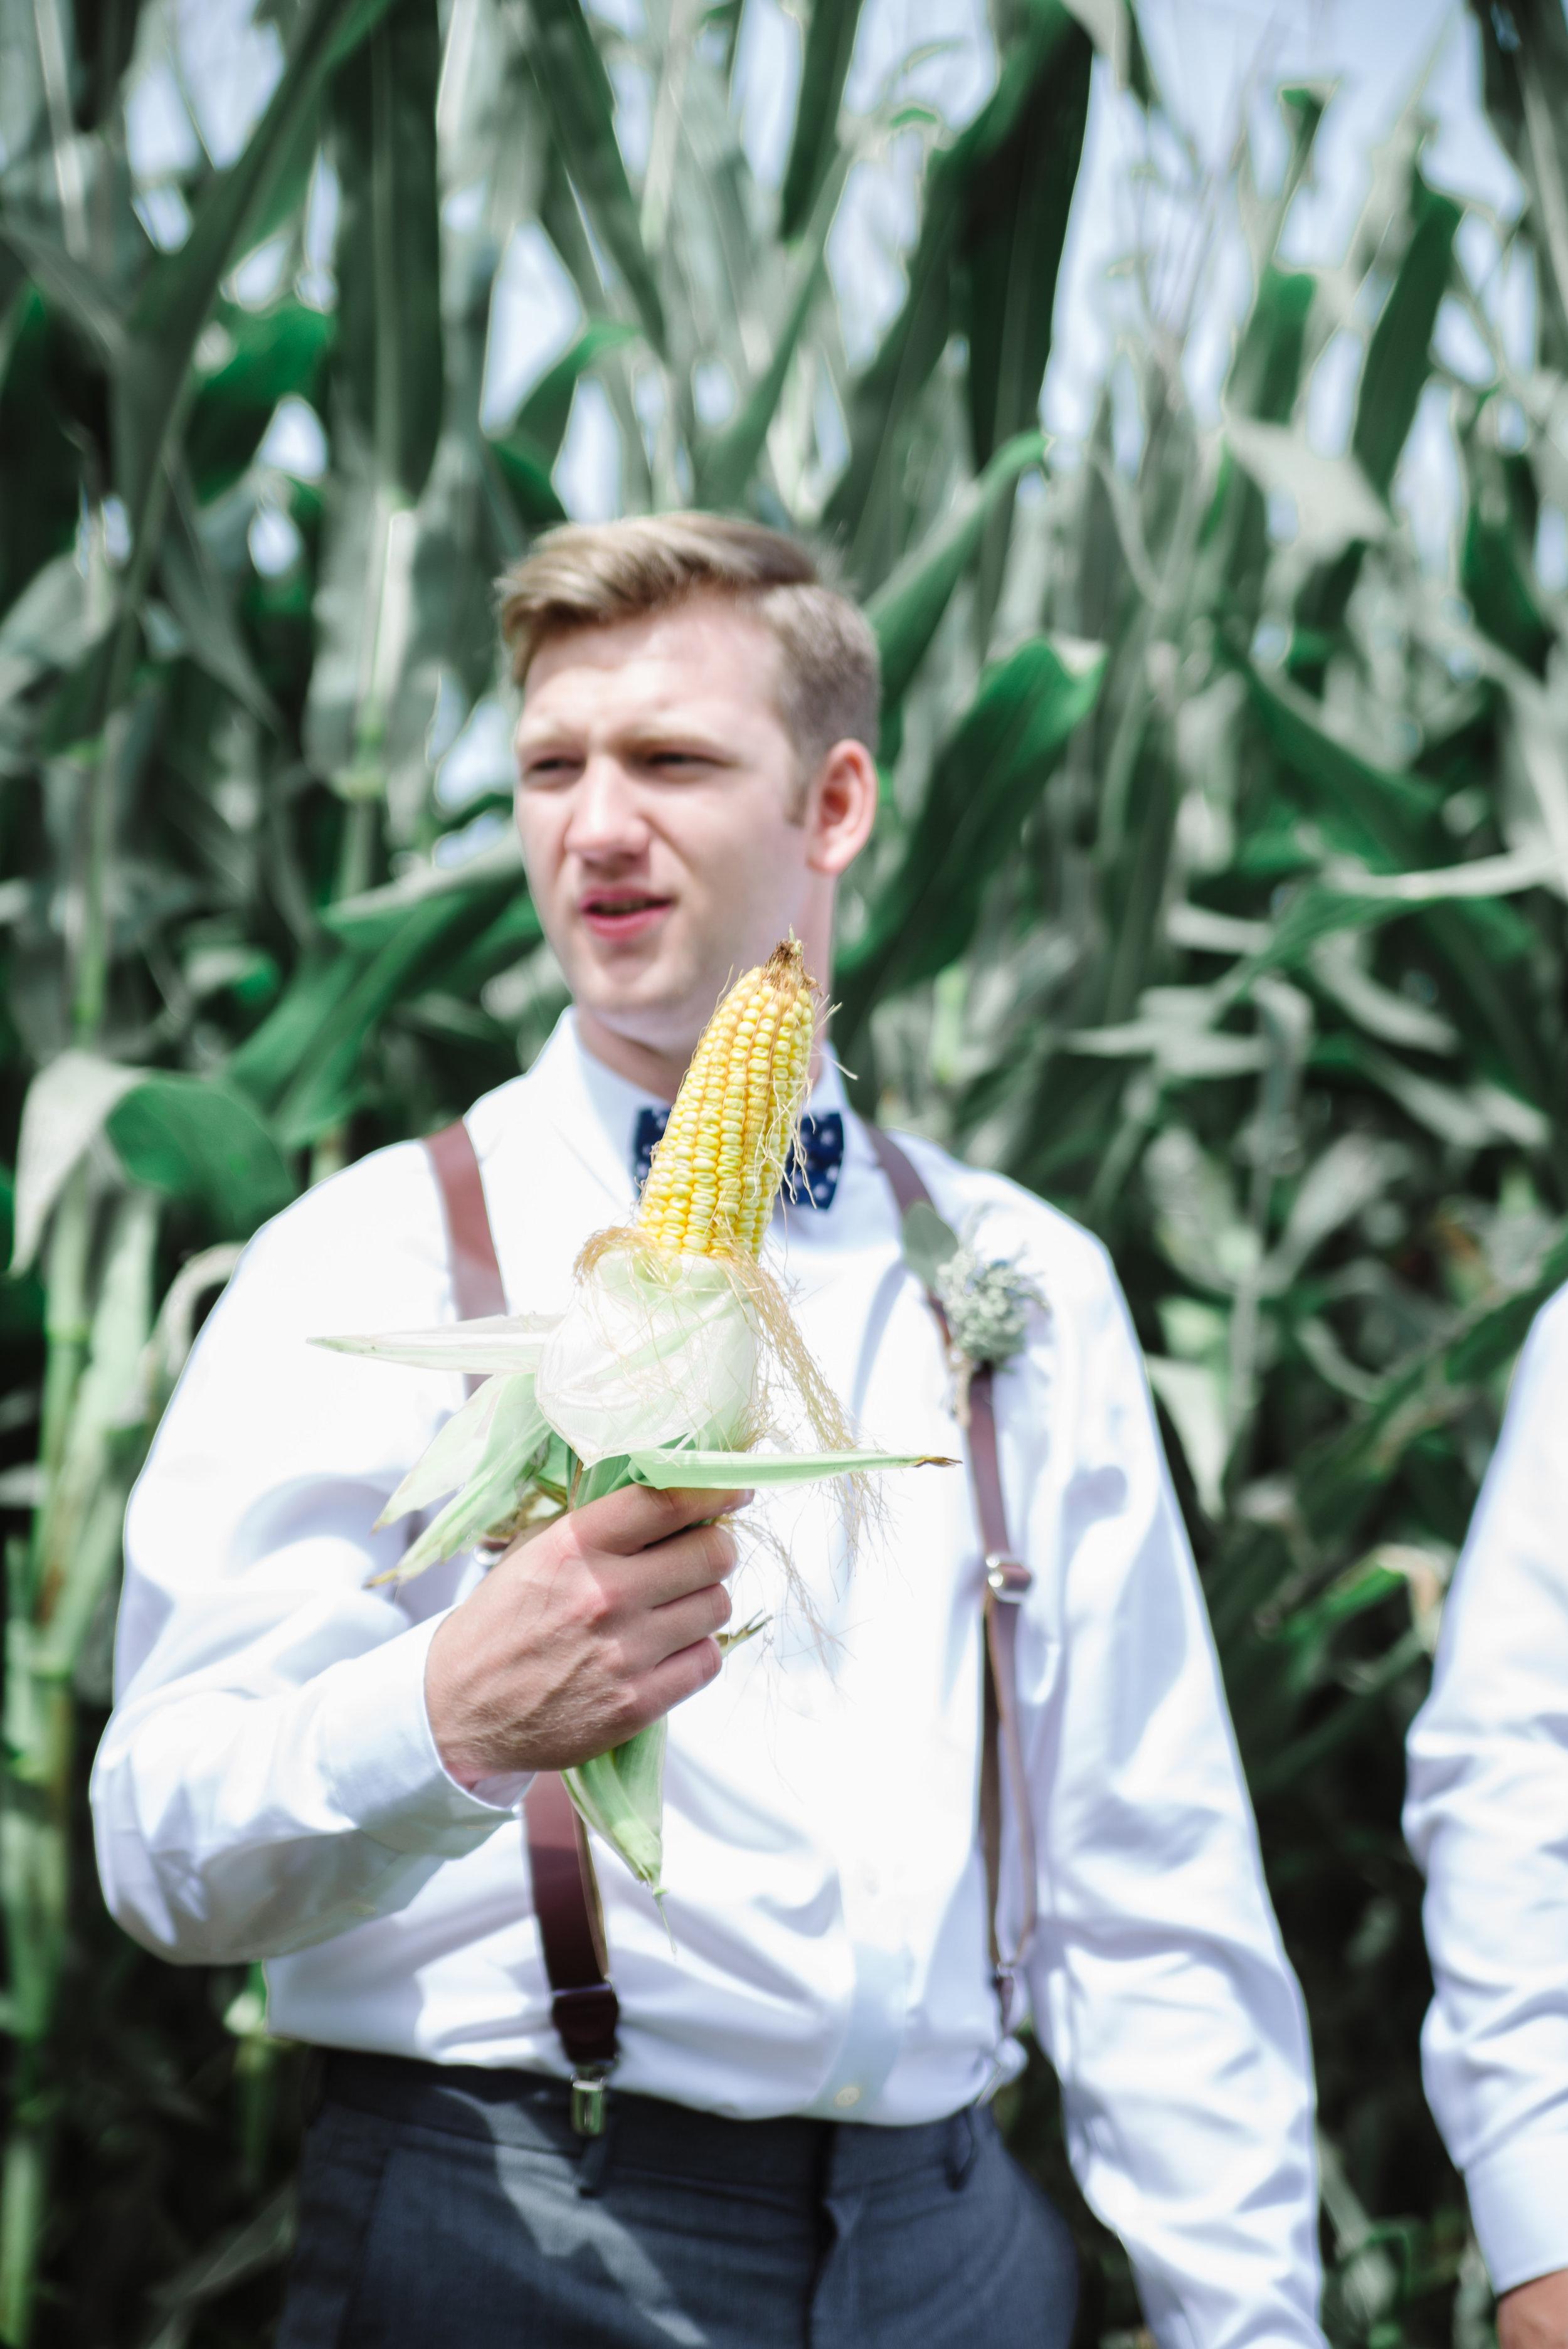 Matt and his corncob